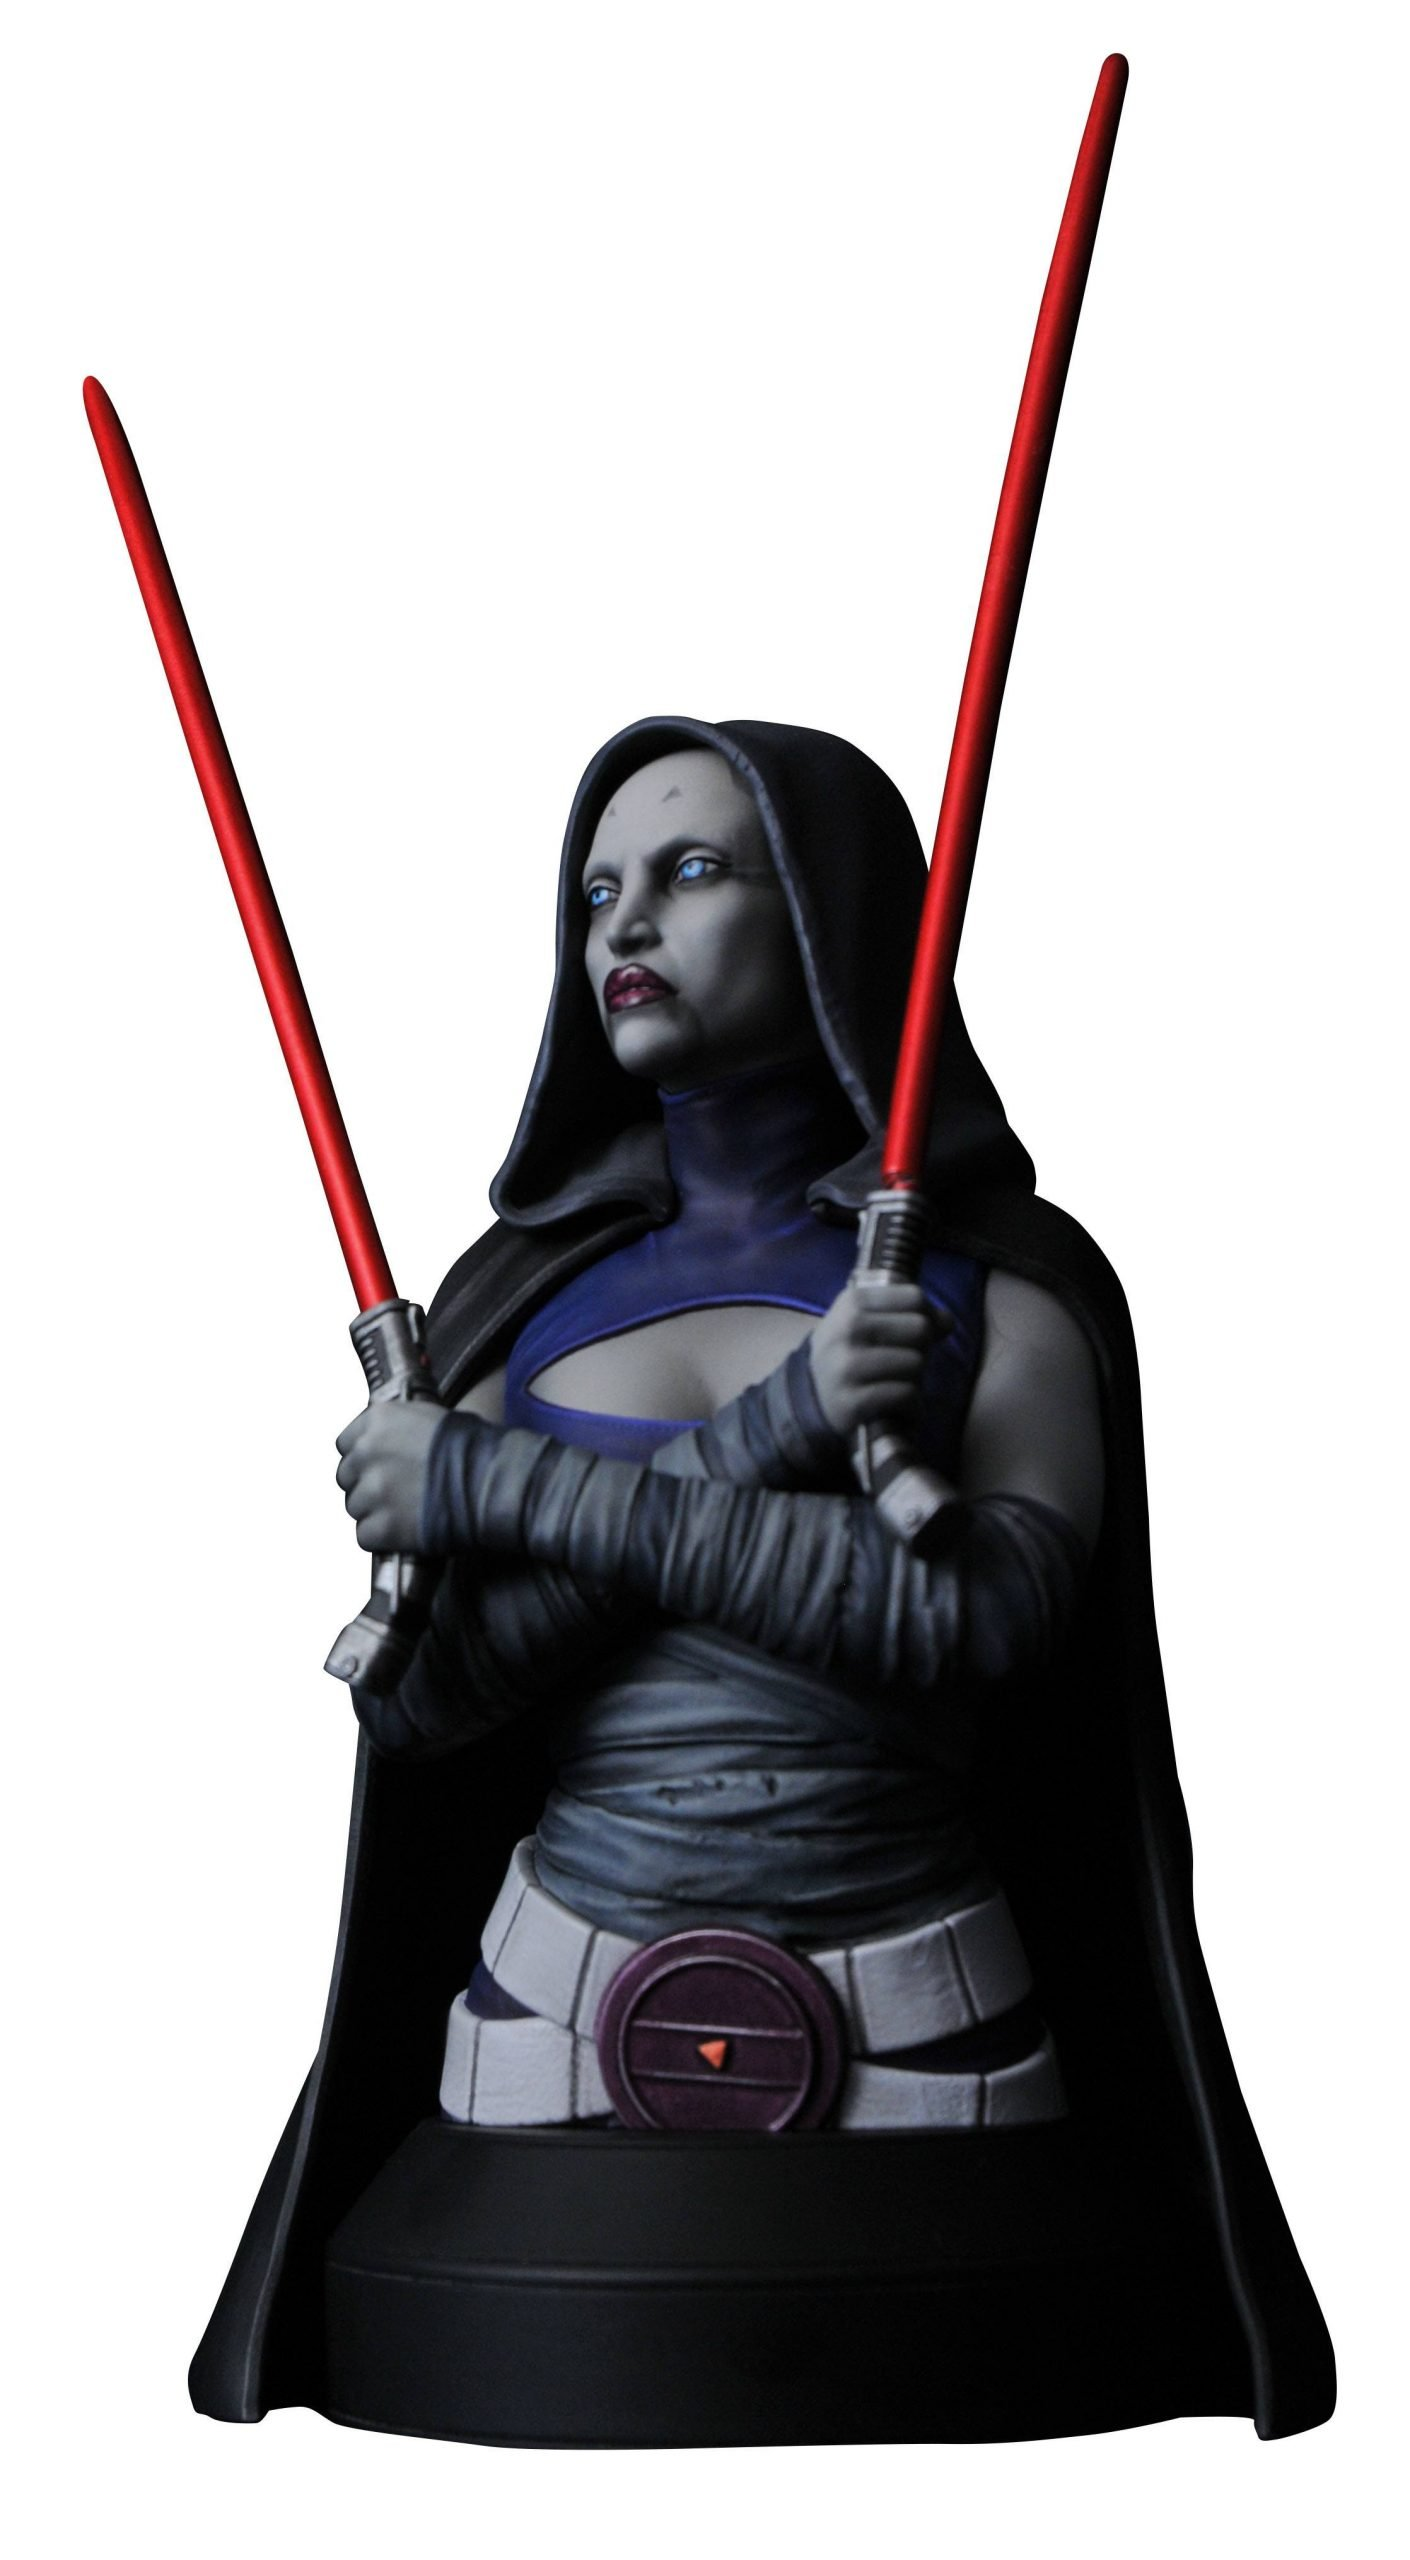 Asajj Star Wars Clone Wars 1-6 Bust